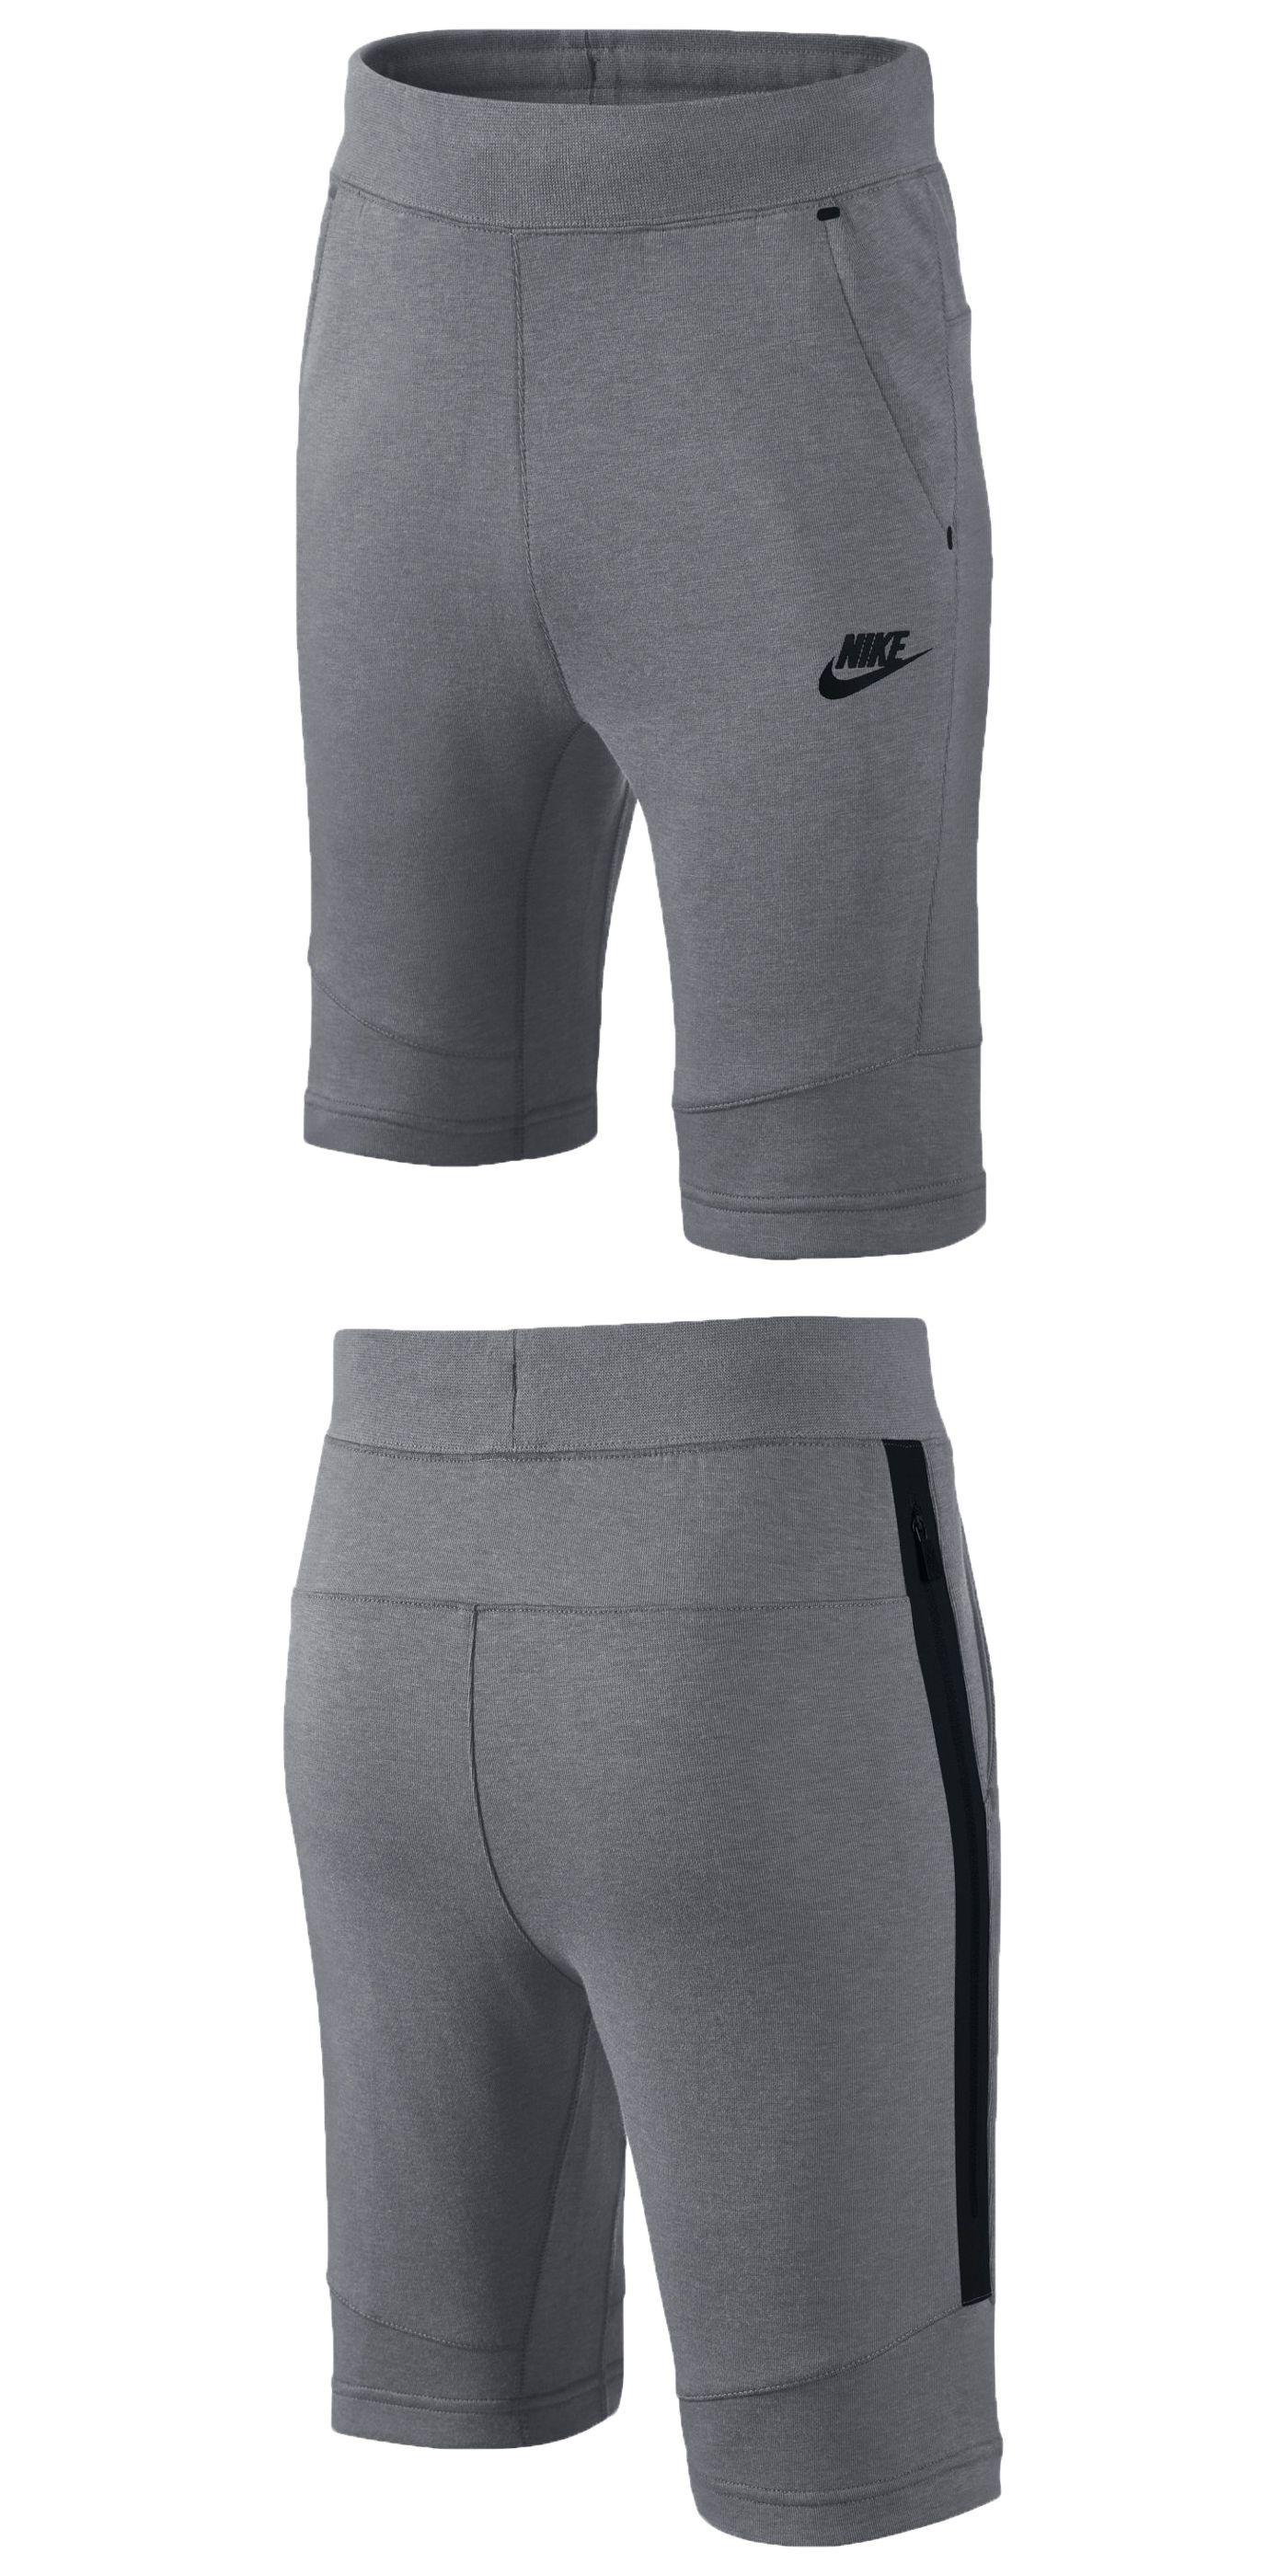 5aa219c92caf Shorts 15615  Nike Sportswear Tech Fleece Big Kids (Boys ) Shorts  55 -   BUY IT NOW ONLY   35 on eBay!